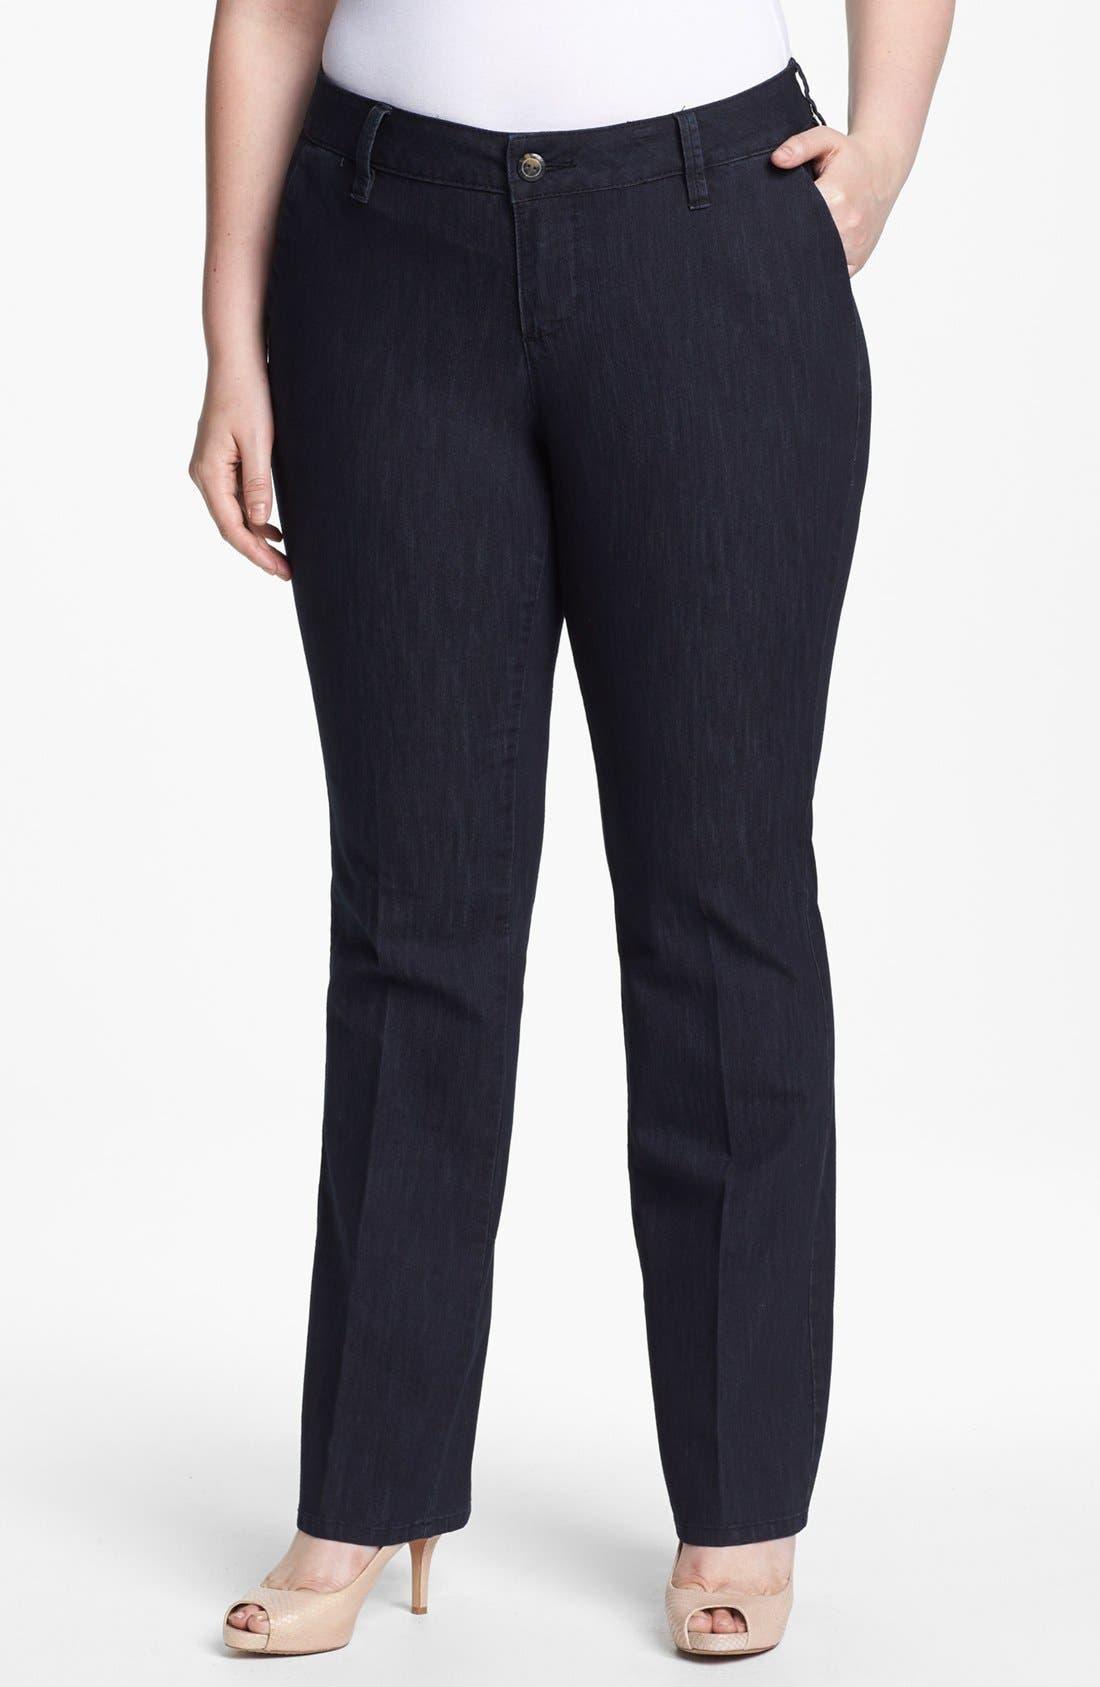 Main Image - Jag Jeans 'Elisha' Trouser Jeans (Plus Size)